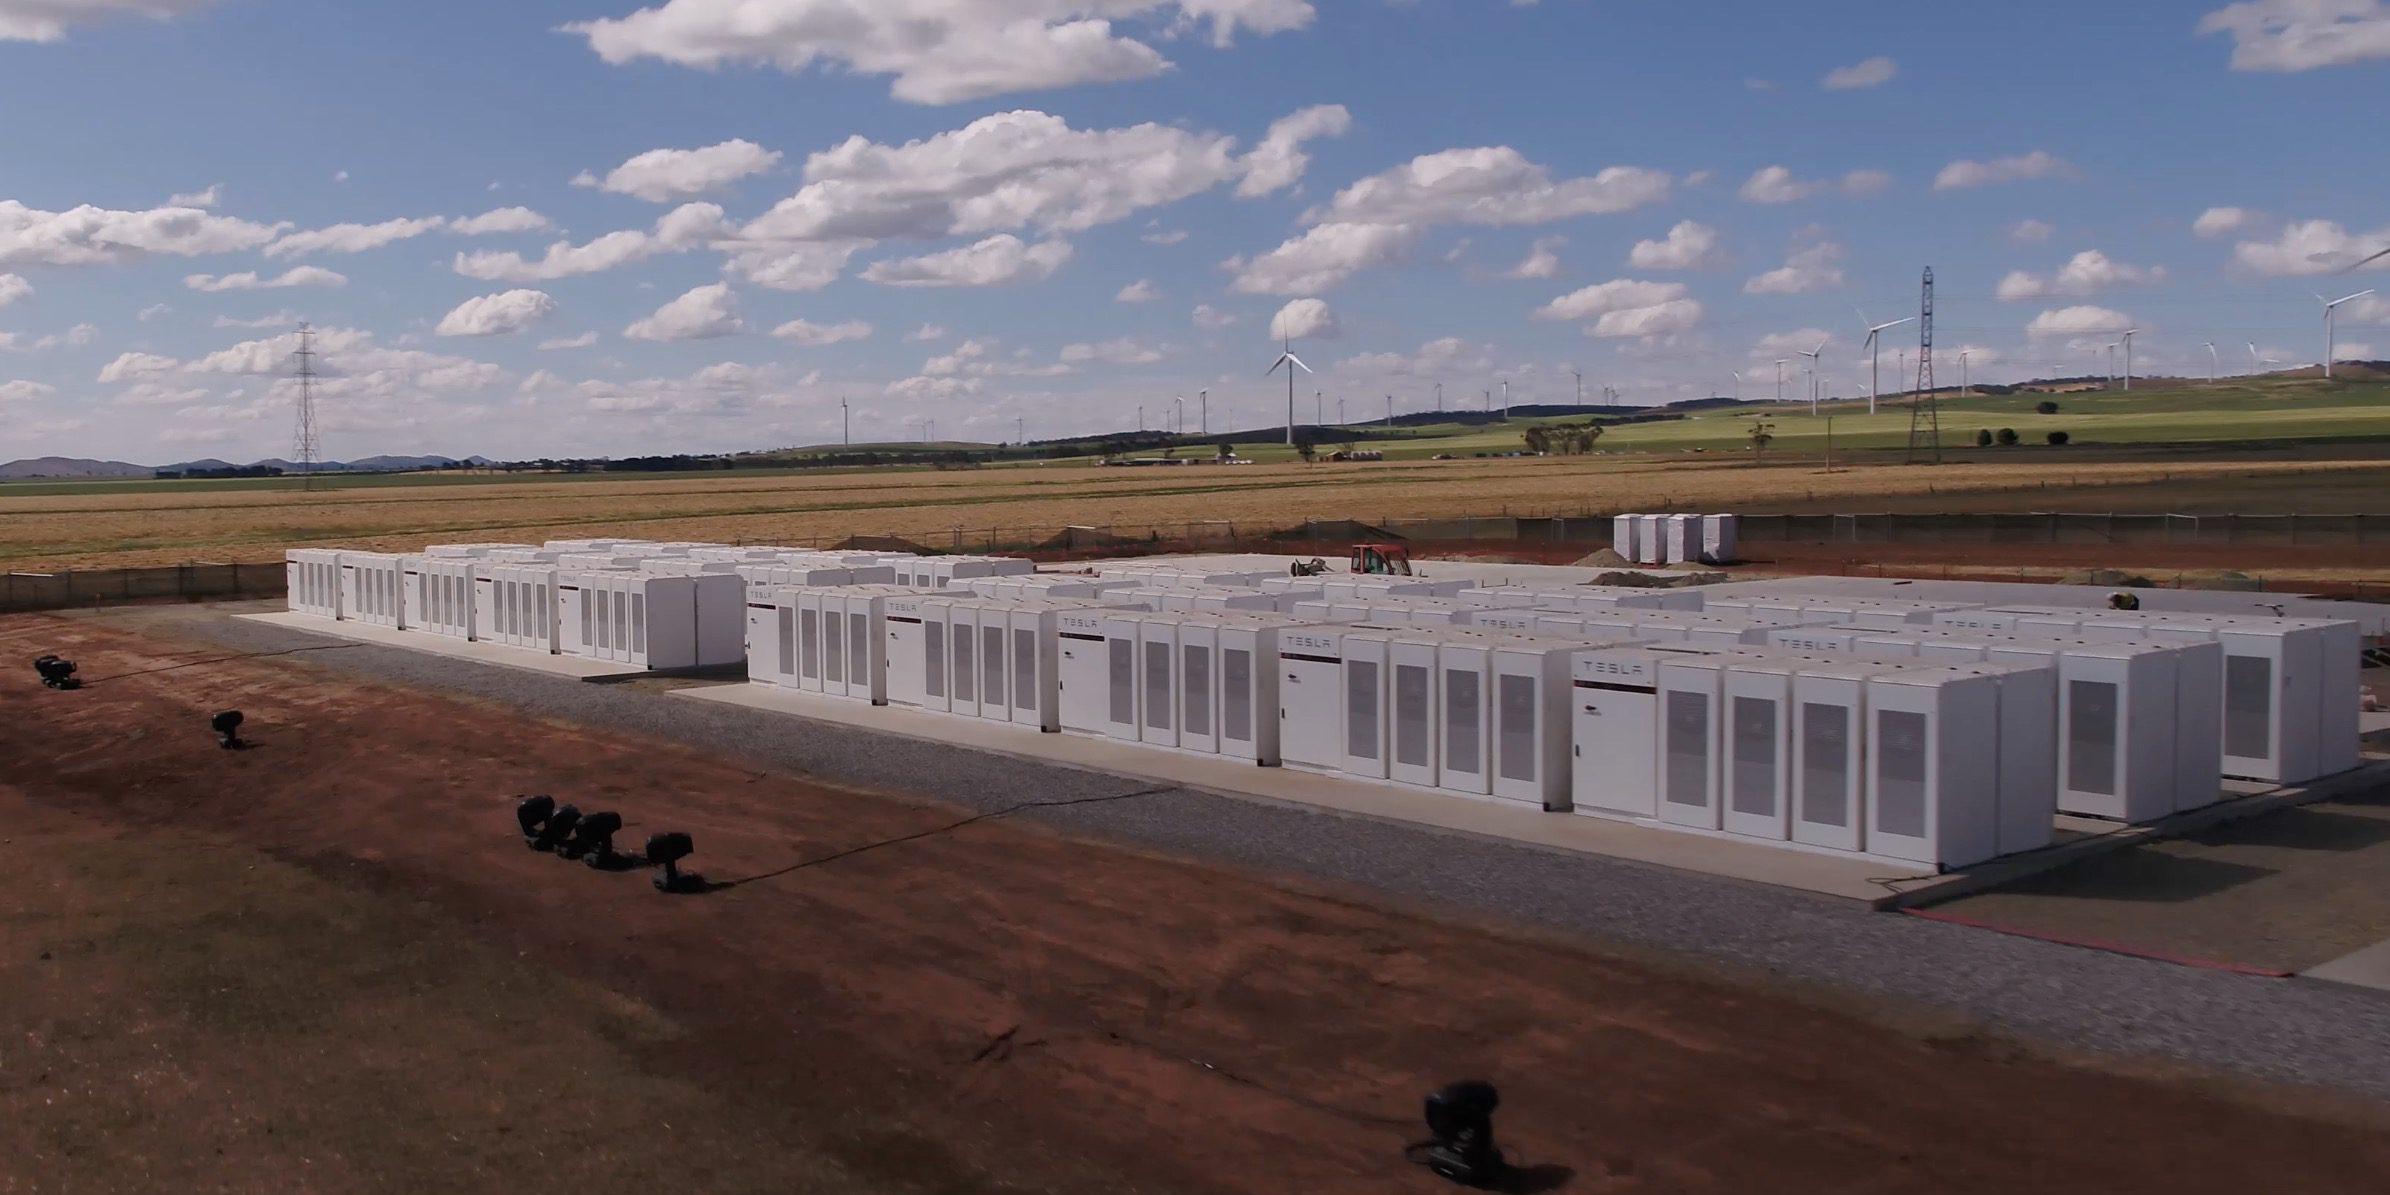 Аккумуляторная станция от Tesla сэкономила Австралии уже $30 млн - 1